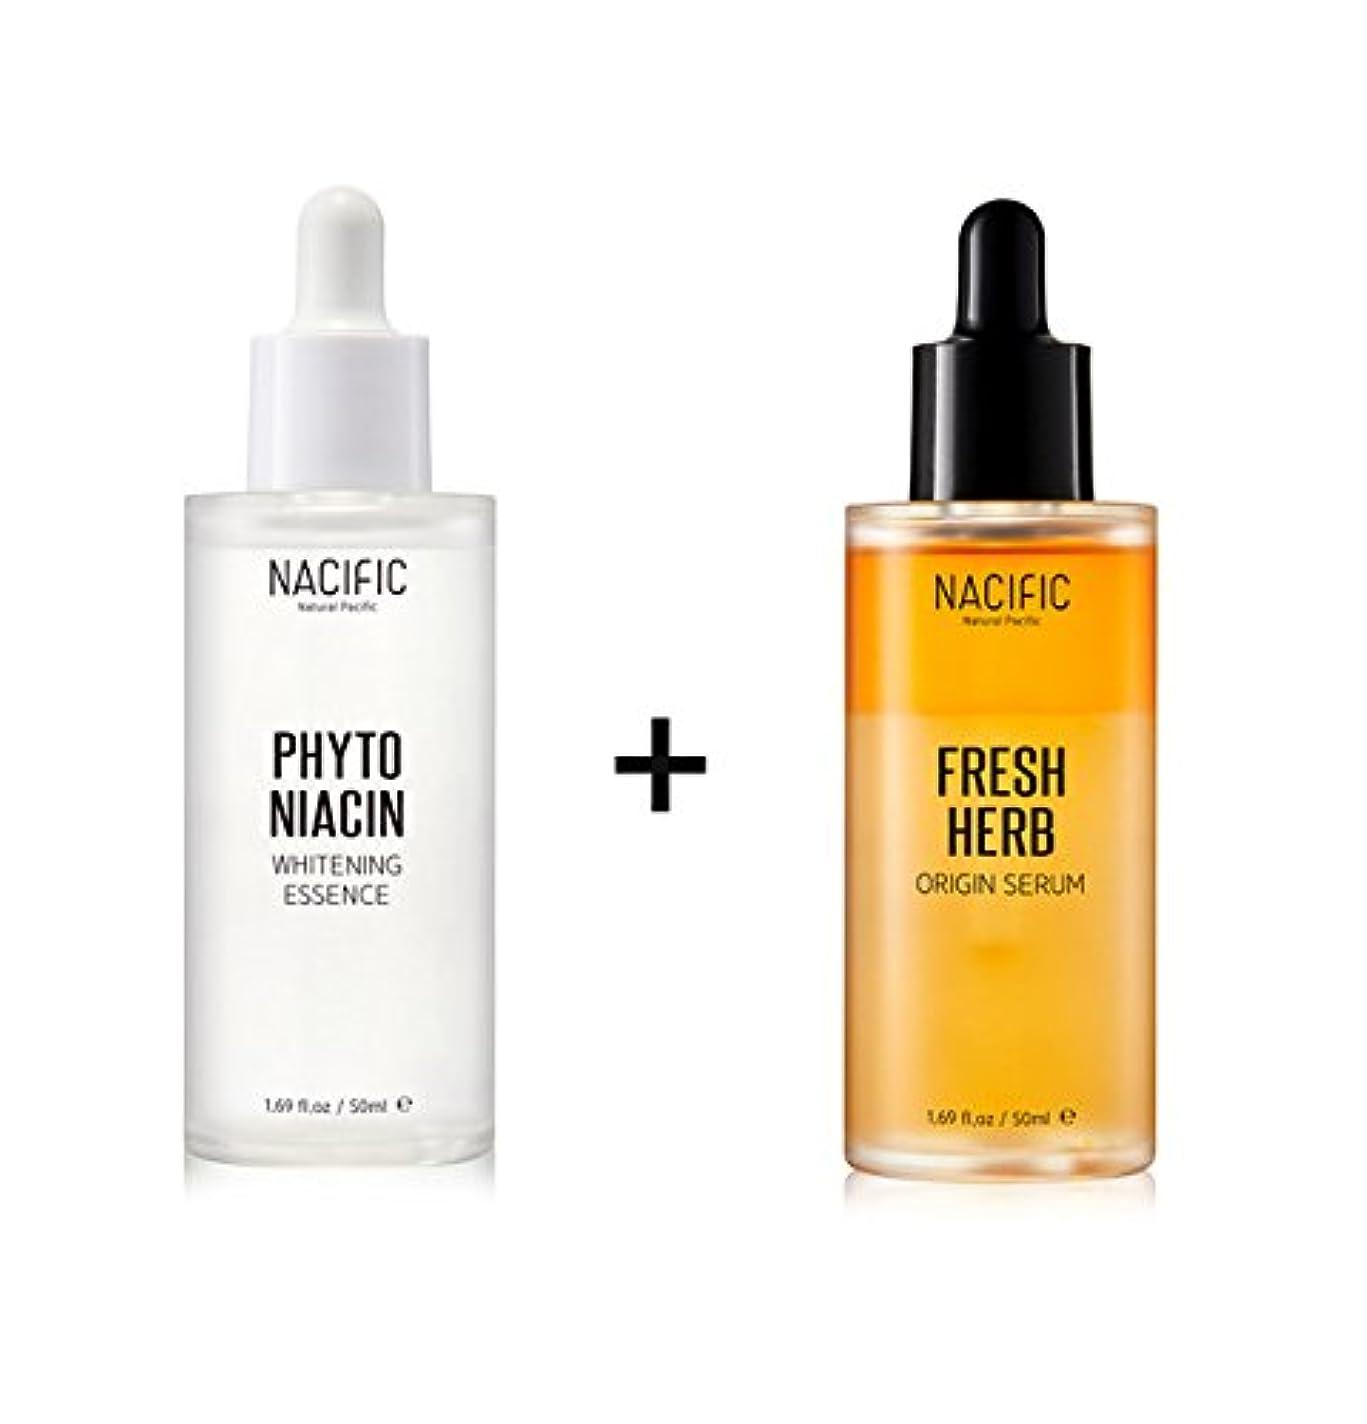 ポーン船員フェミニン[Renewal] NACIFIC Fresh Herb Origin Serum 50ml + Phyto Niacin Whitening Essence 50ml/ナシフィック フレッシュ ハーブ オリジン セラム...